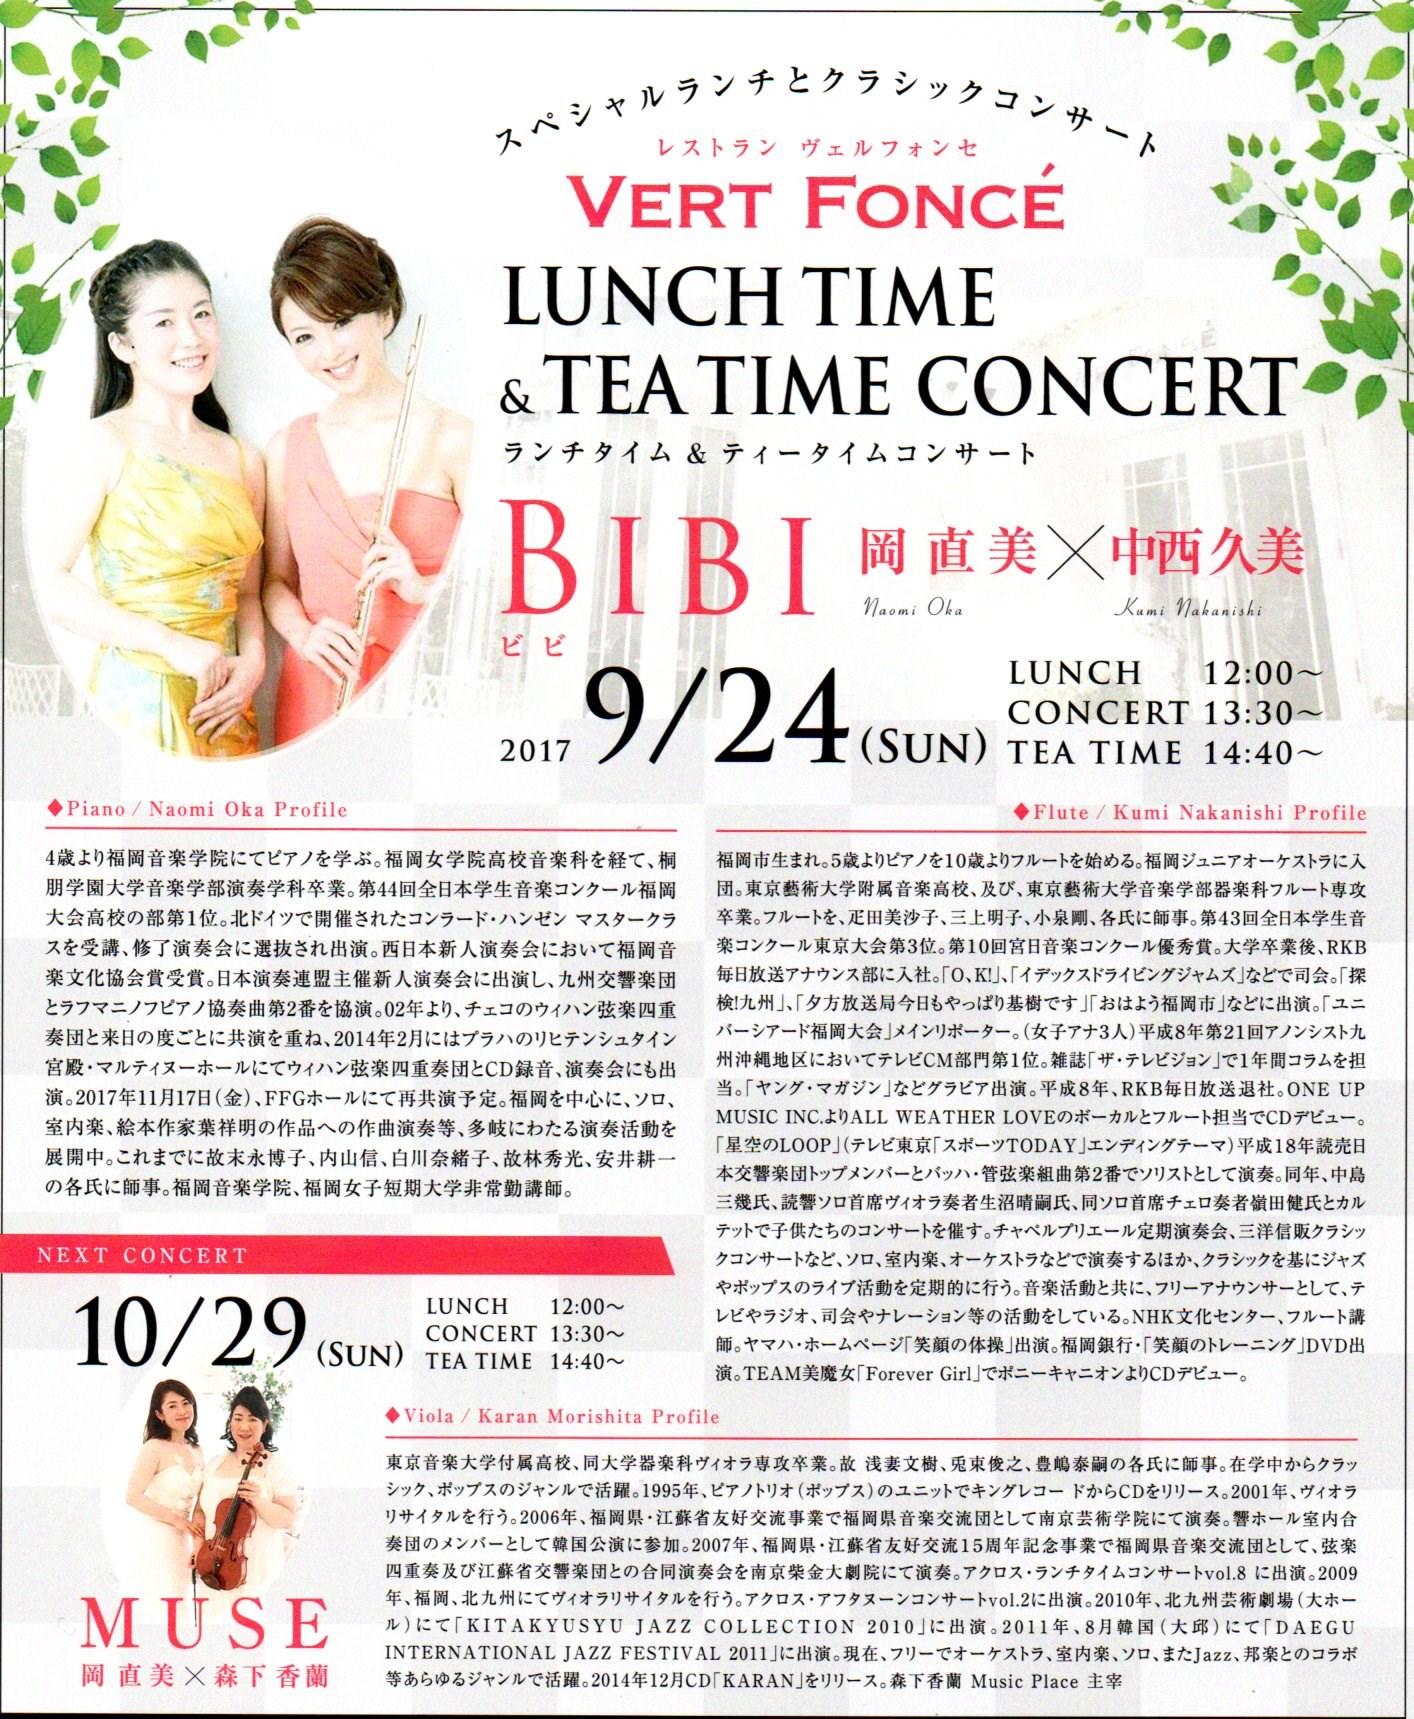 2017年9月24日(土) LUNCH TIME&TEA TIME CONCERT